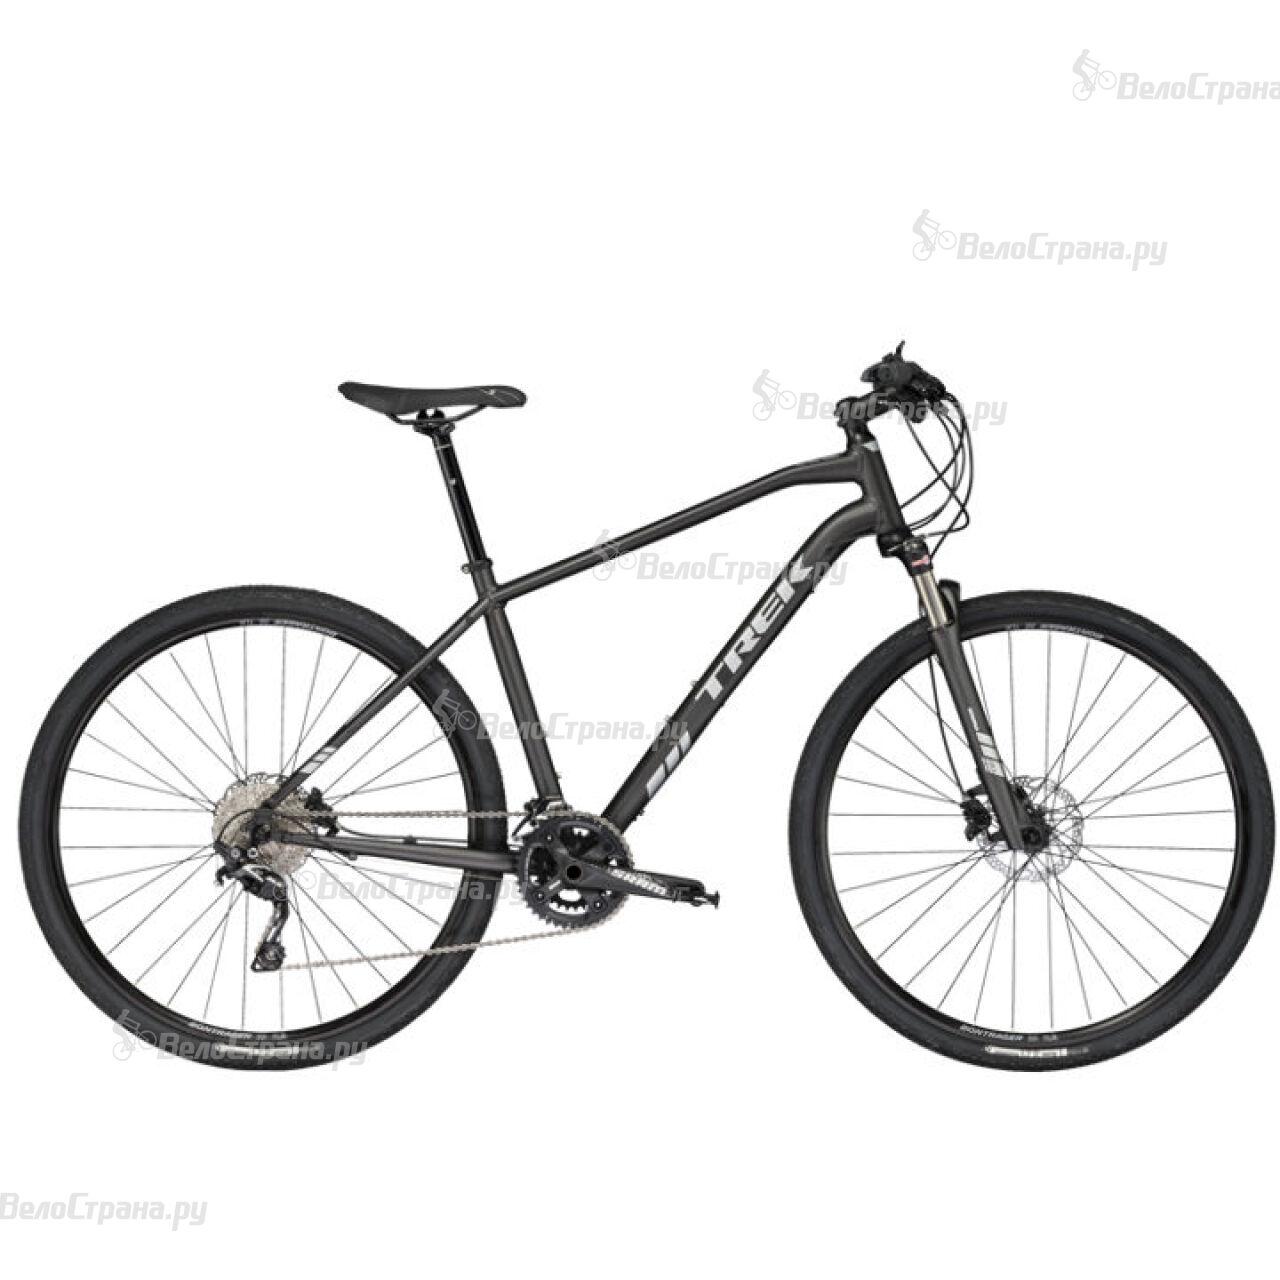 Велосипед Trek DS 4 (2017)